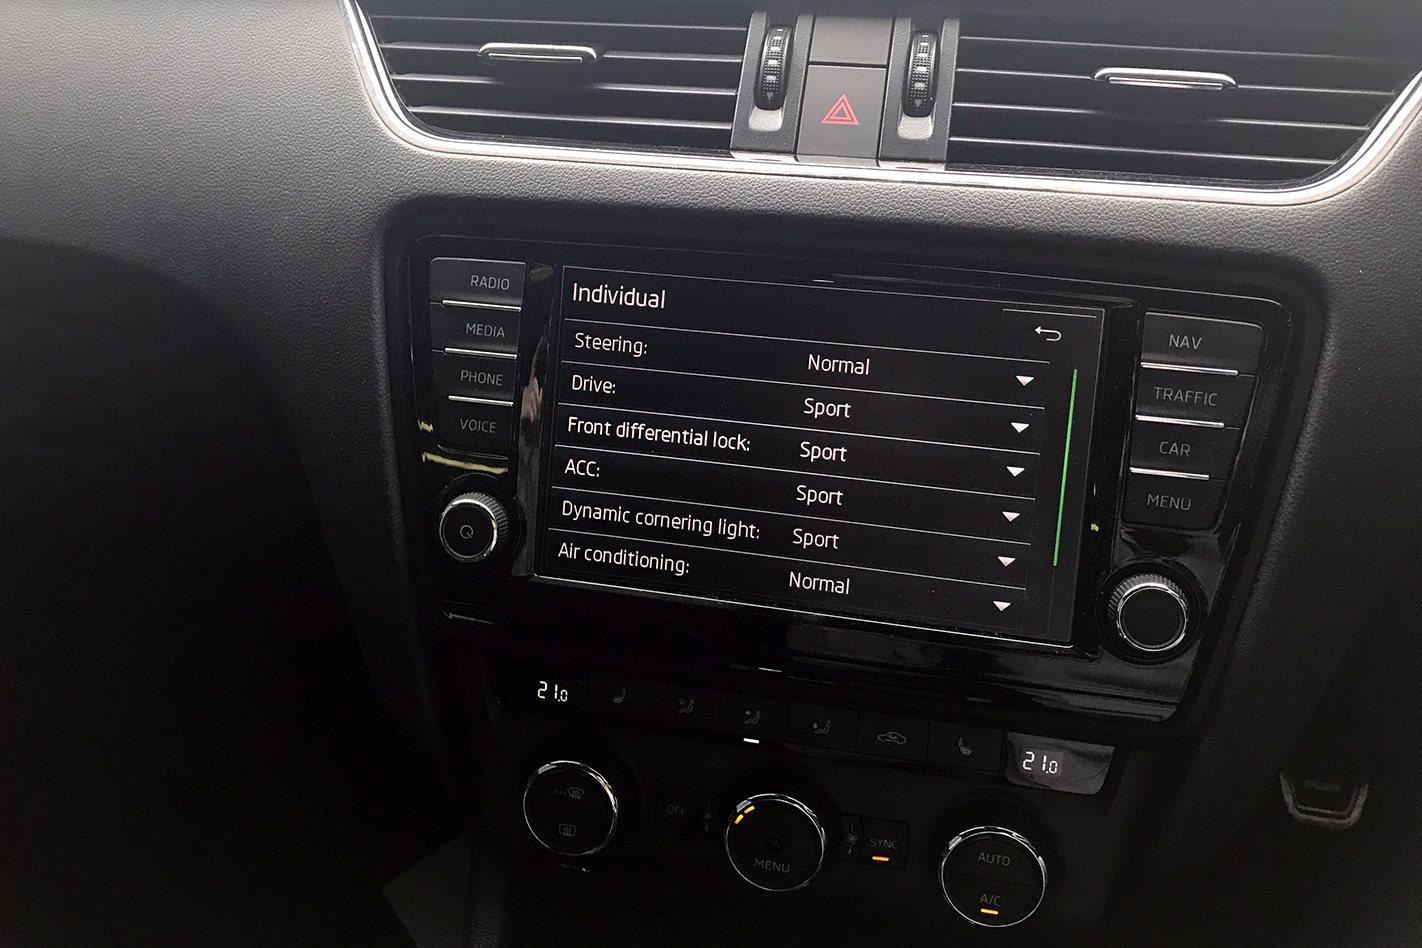 2017 Skoda Octavia RS230 dash